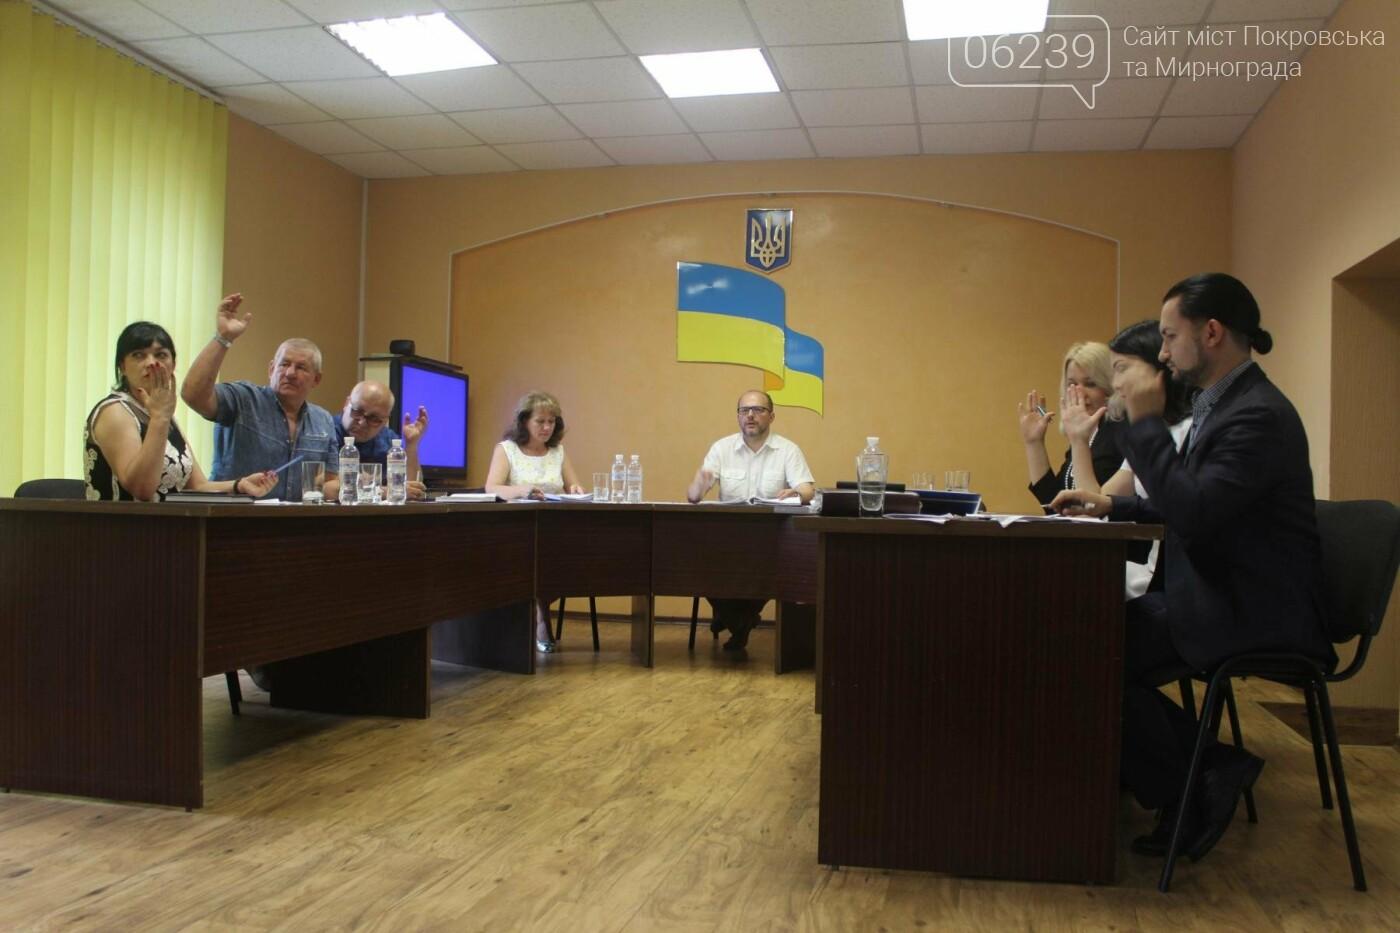 """Около 100 шахтеров ГП """"Мирноградуголь"""" вышли на акцию протеста в Мирнограде, фото-3"""